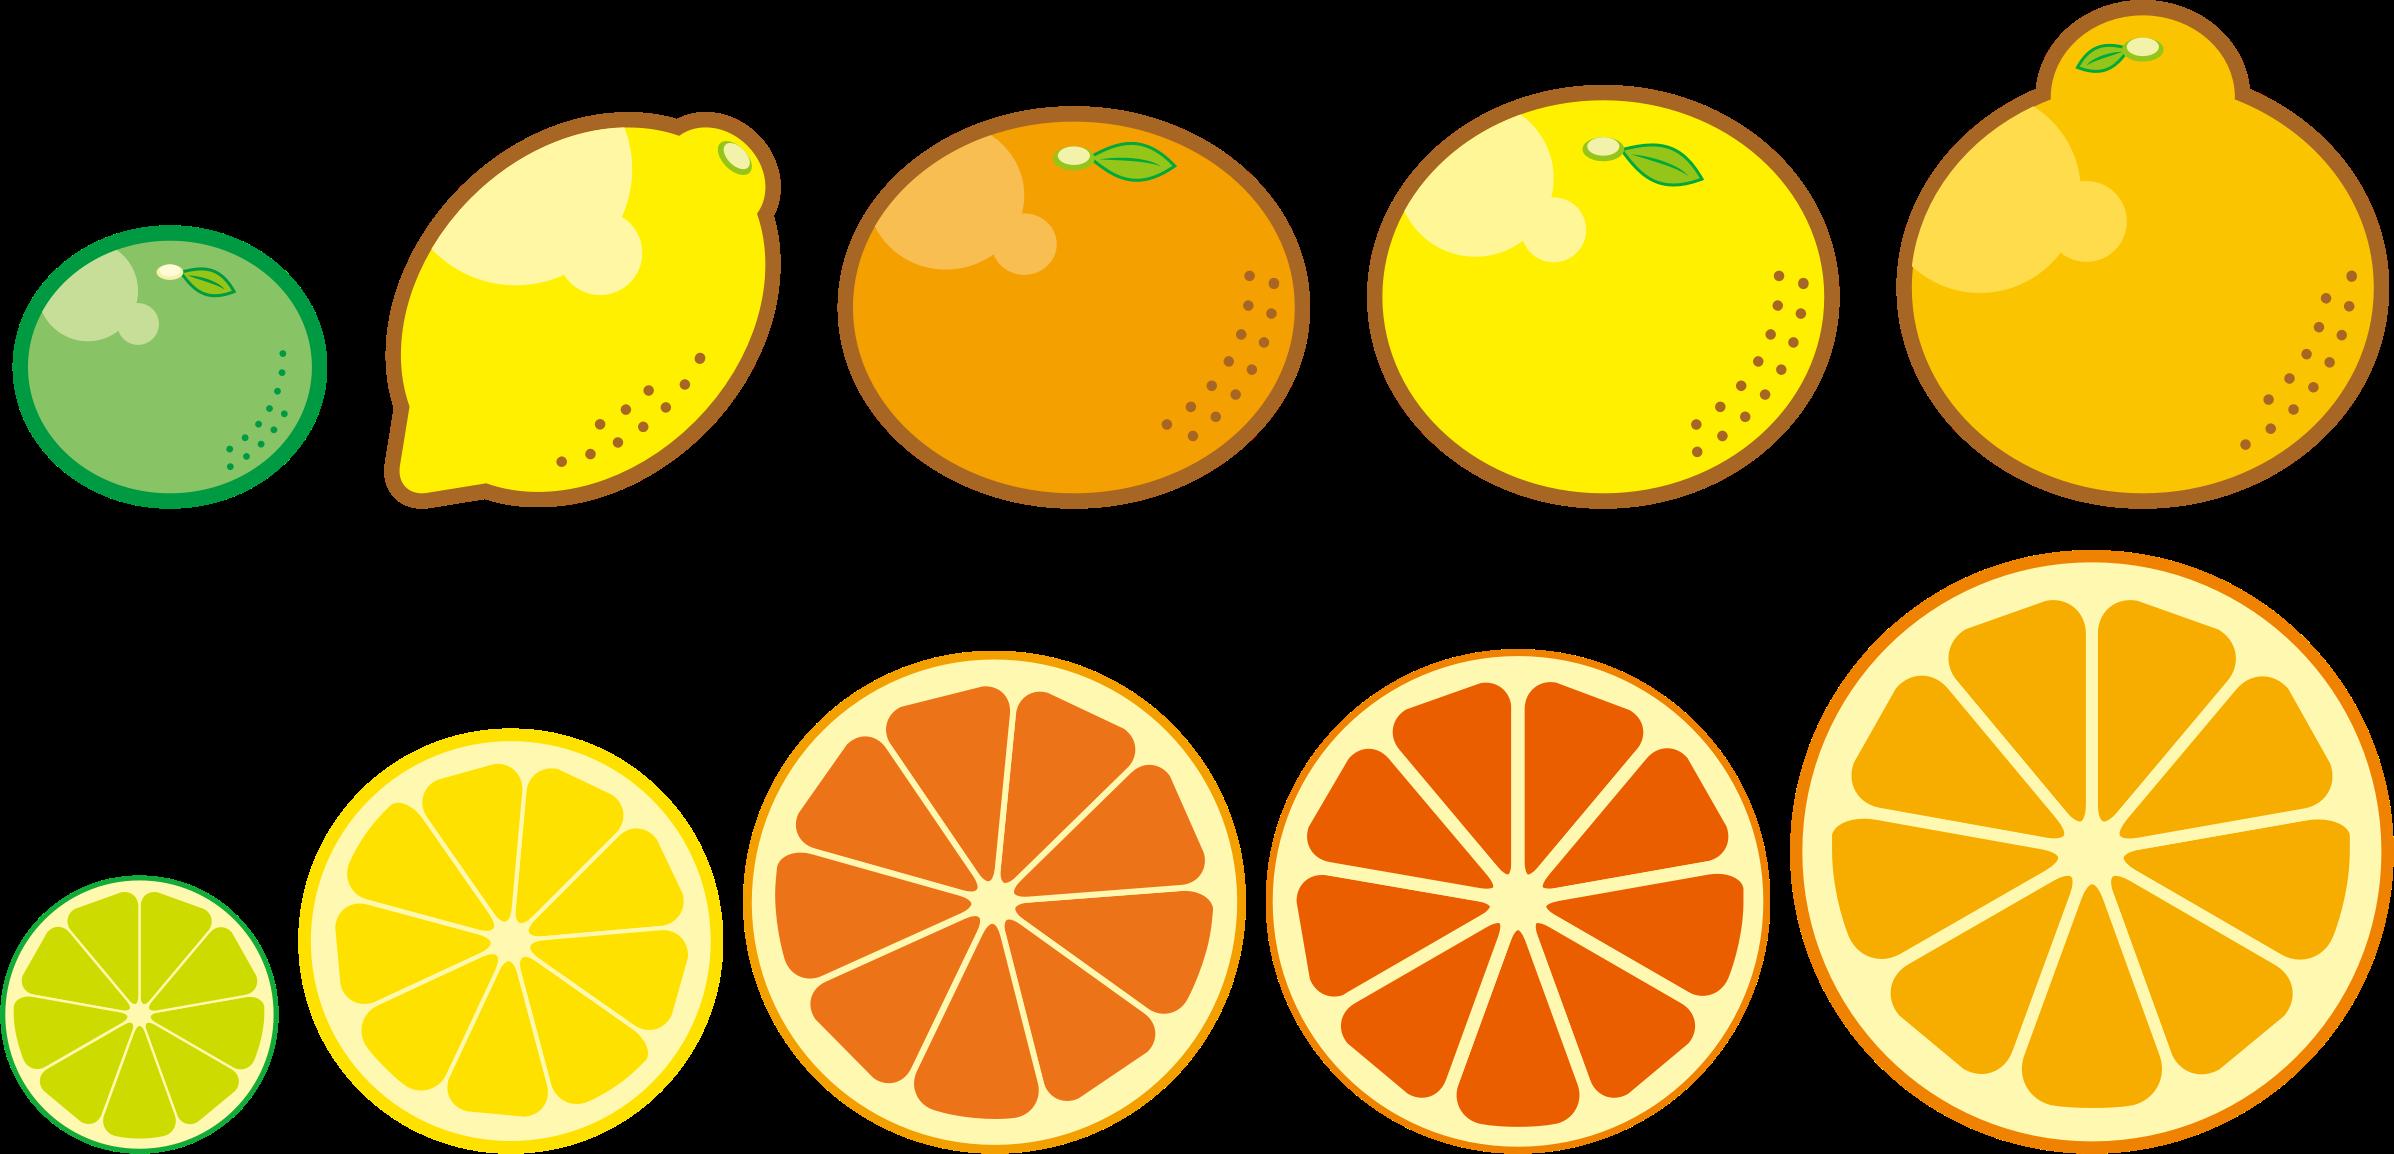 Clipart fruit lemon. Citrus fruits big image